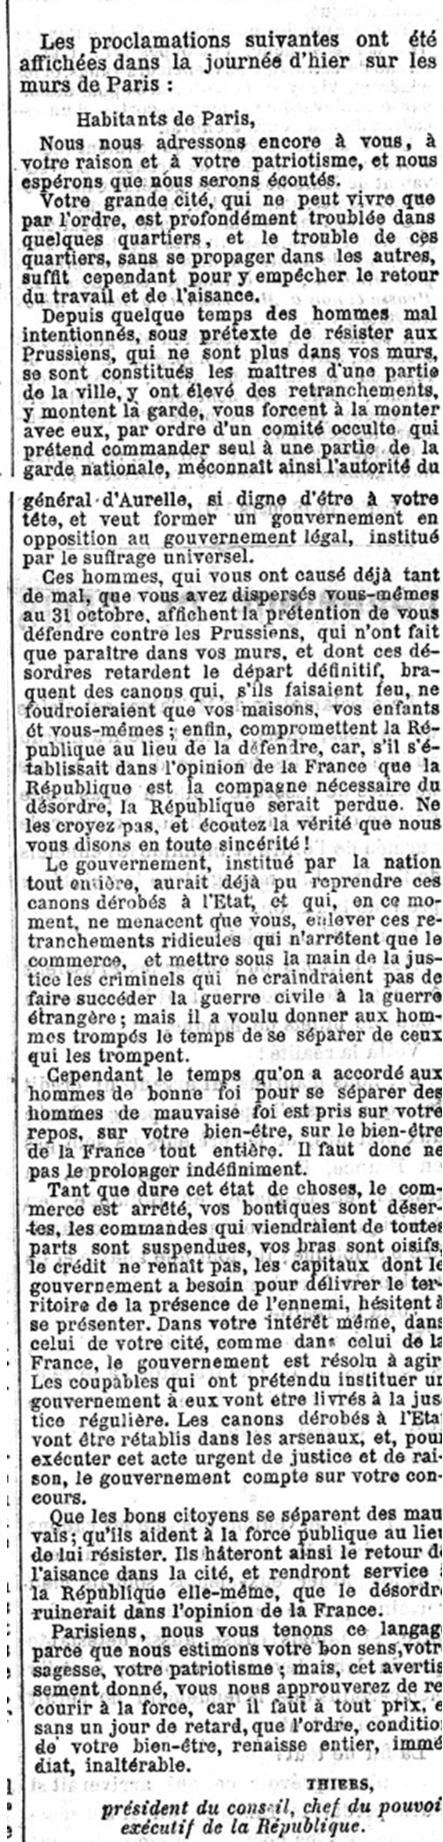 Déclaration de Thiers dans le Figaro du 20 mars 1871